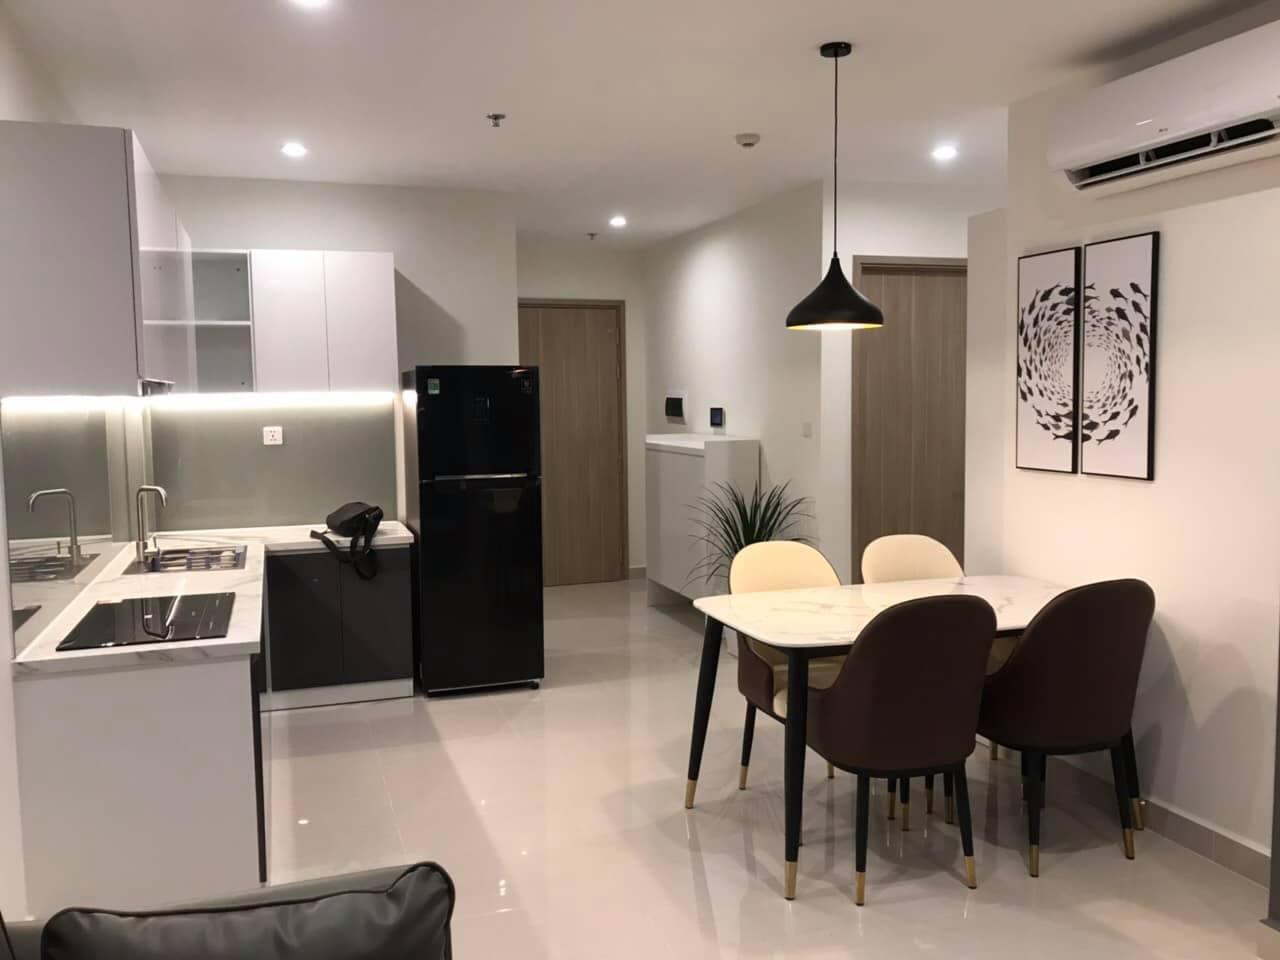 Căn hộ 2 phòng ngủ nội thất đầy đủ tầng 5 toà S2.03 giá 8tr/tháng 6